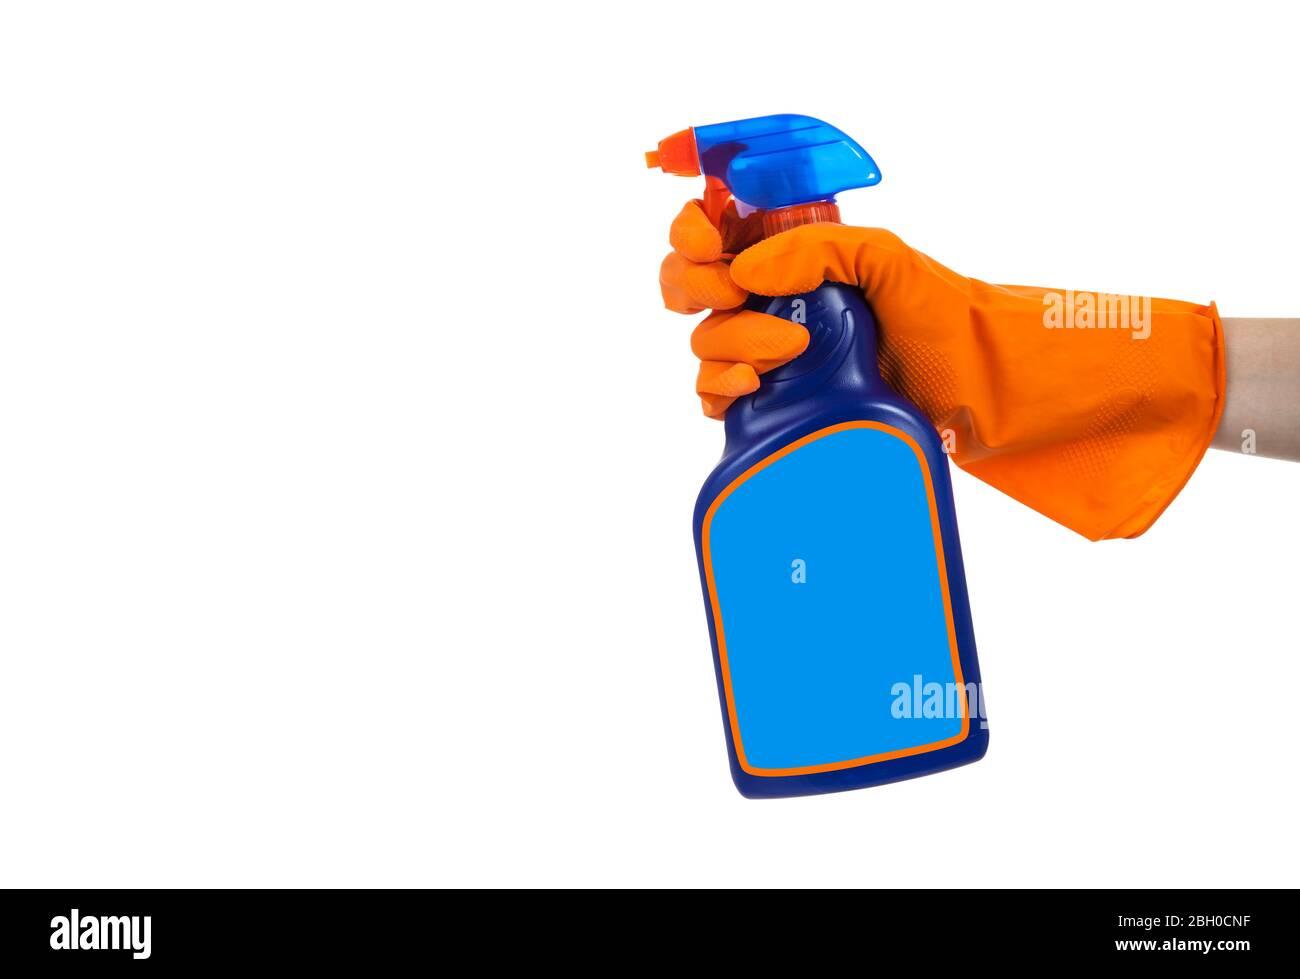 Un guanto per le mani che contiene un flacone spray di pulizia, disinfettante di sostanze chimiche su sfondo bianco Foto Stock